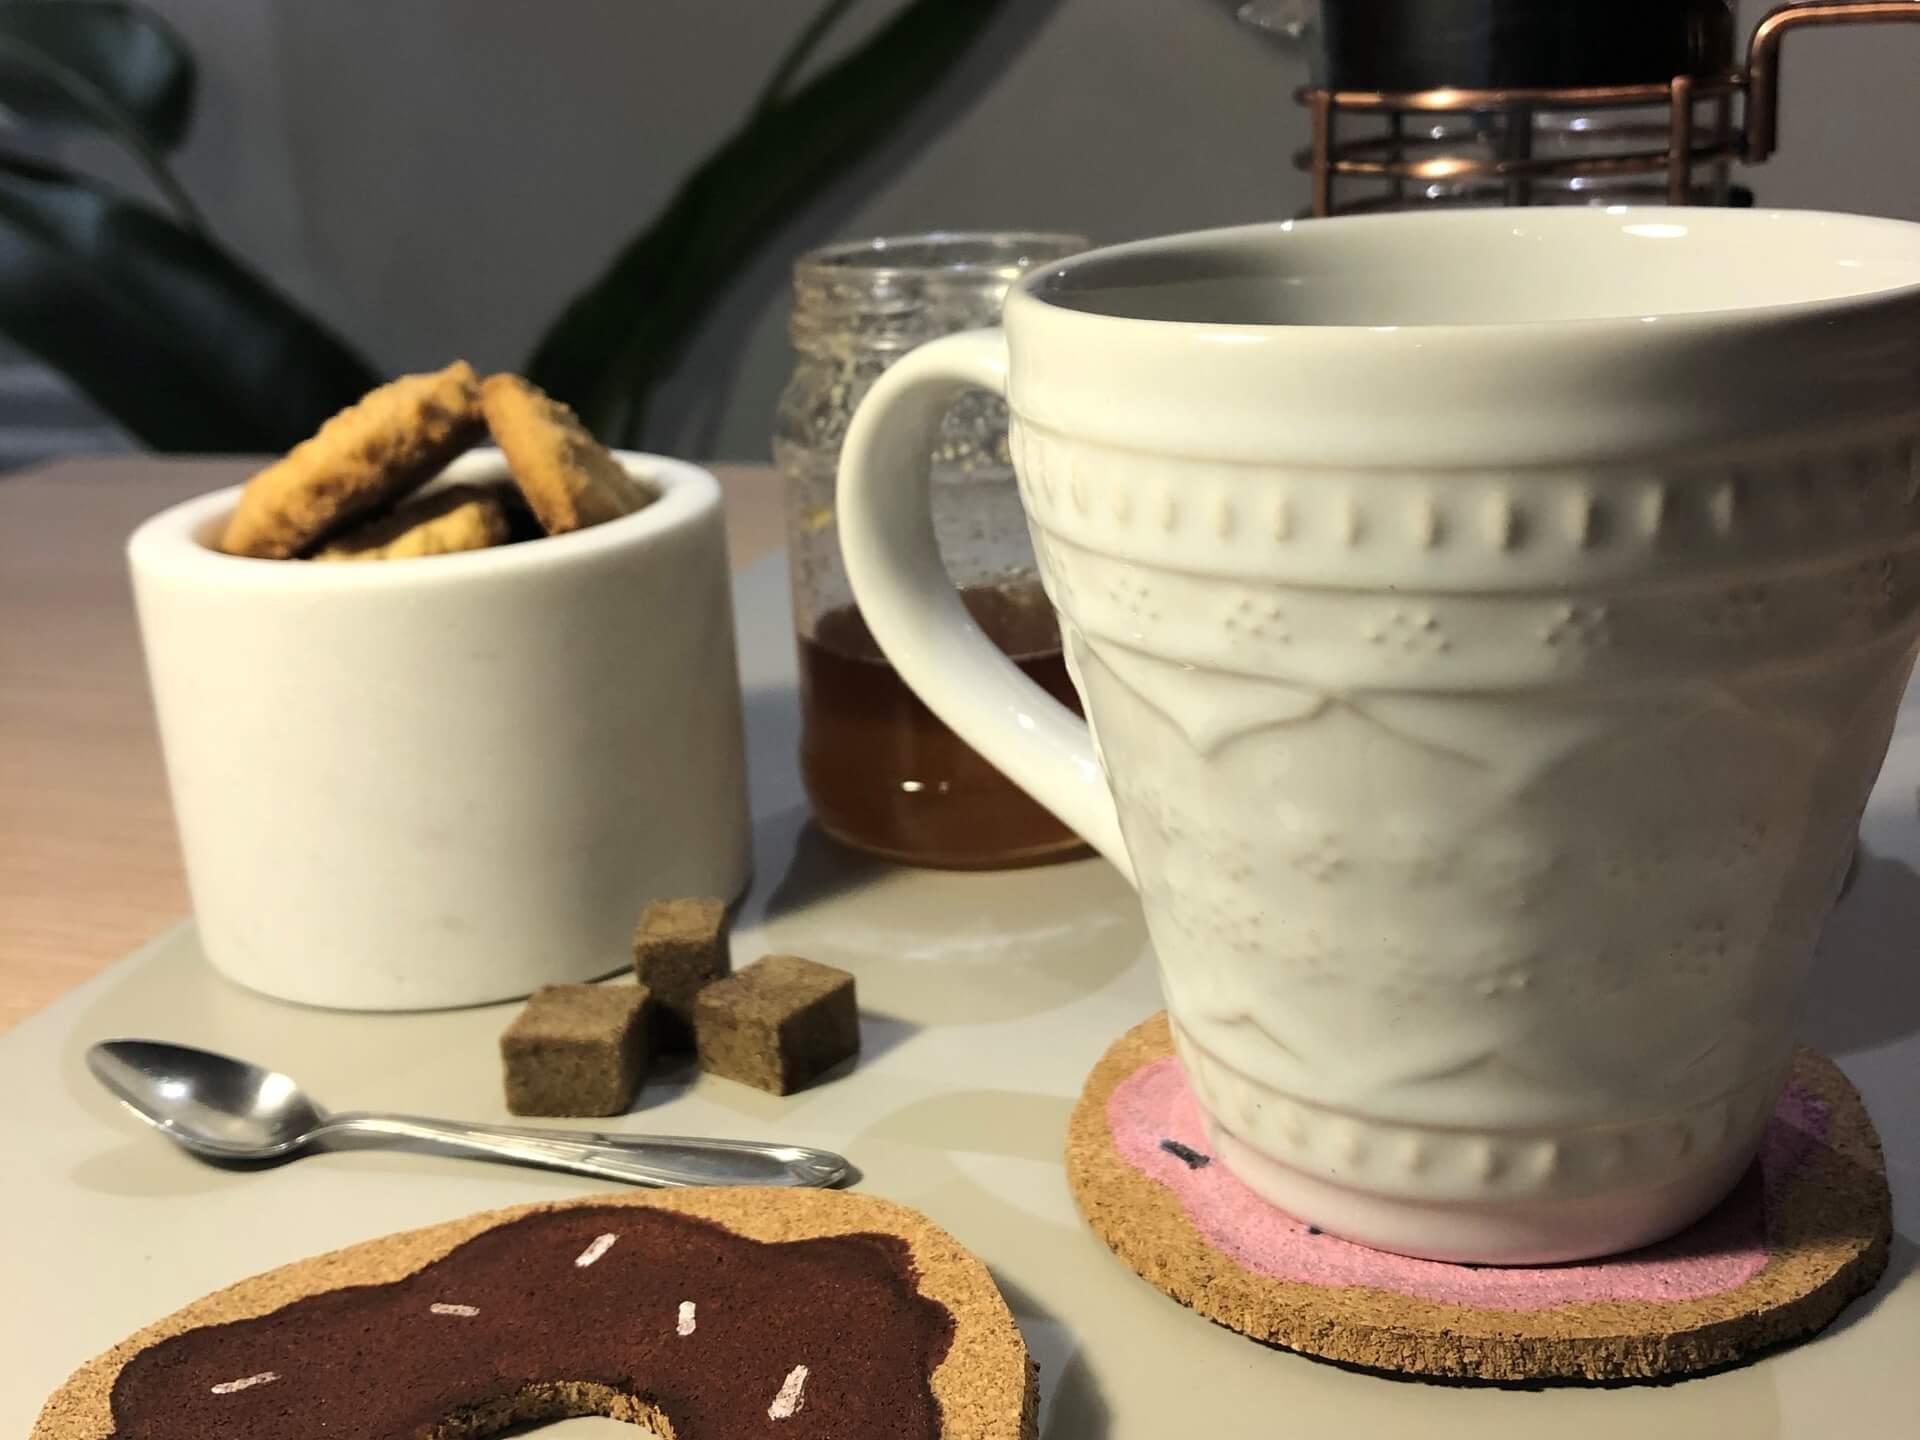 Imagem: Sobre as bolachas está a caneca Oxford Serena White que você pode encontrar aqui. Ao fundo, estão a cafeteira Cafeteira francesa - disponível aqui - e o marmorizado Oxford disponível em nossas revendas. Foto: Arquiteca Projetos.